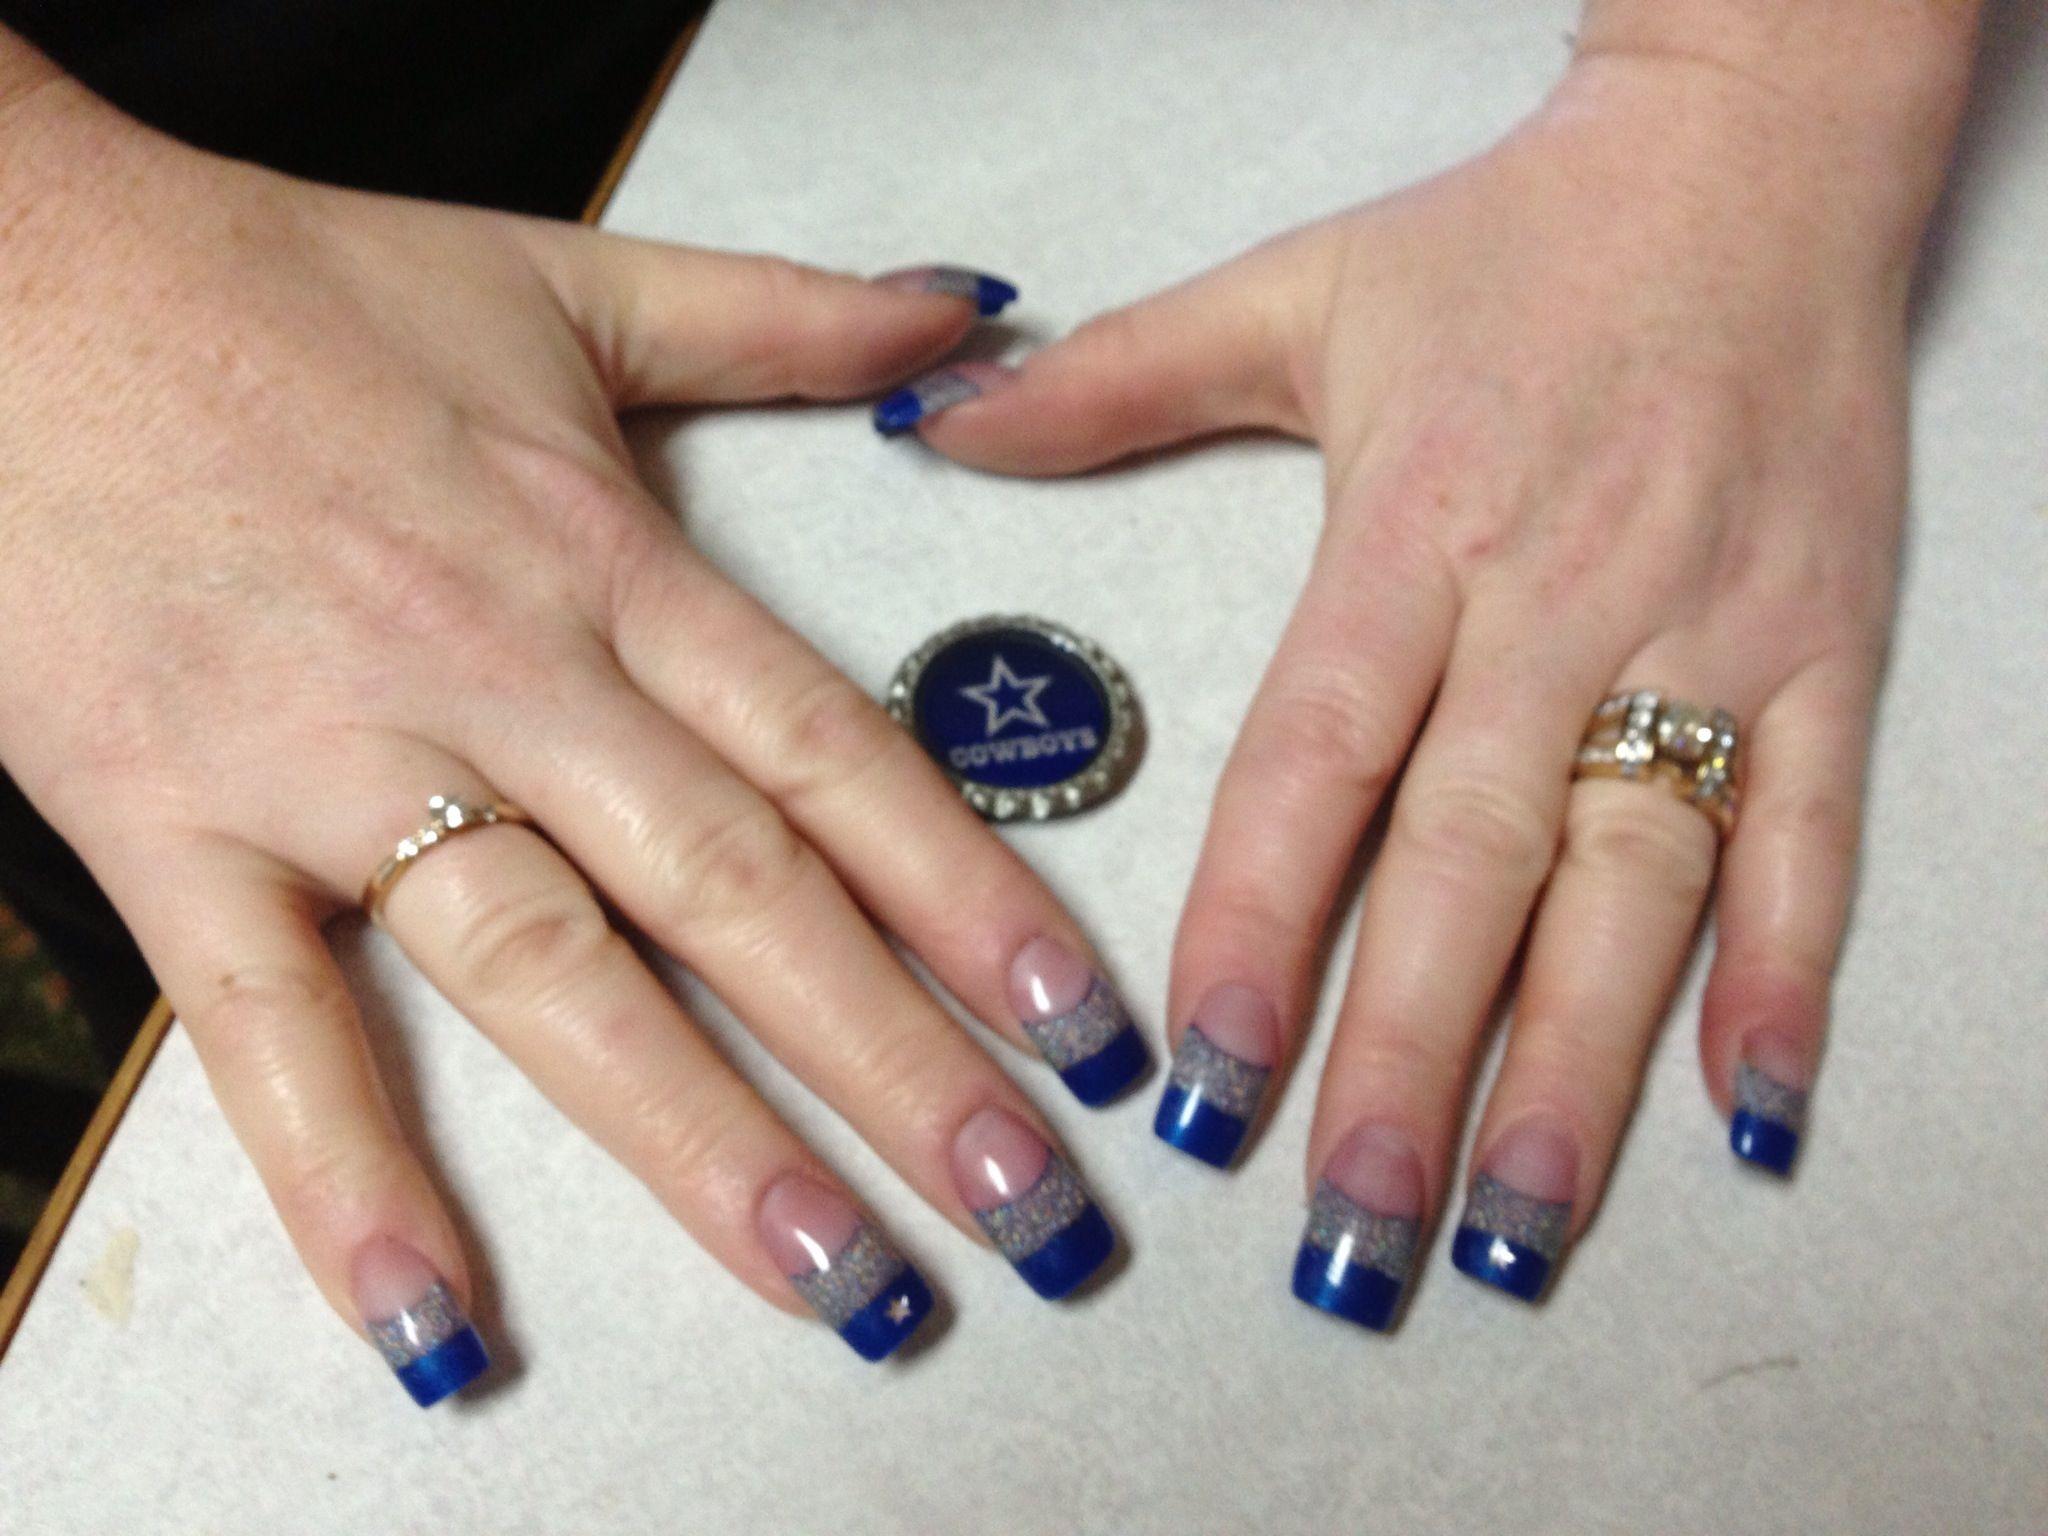 Dallas Cowboys nails | Nail designs | Pinterest | Dallas cowboys ...